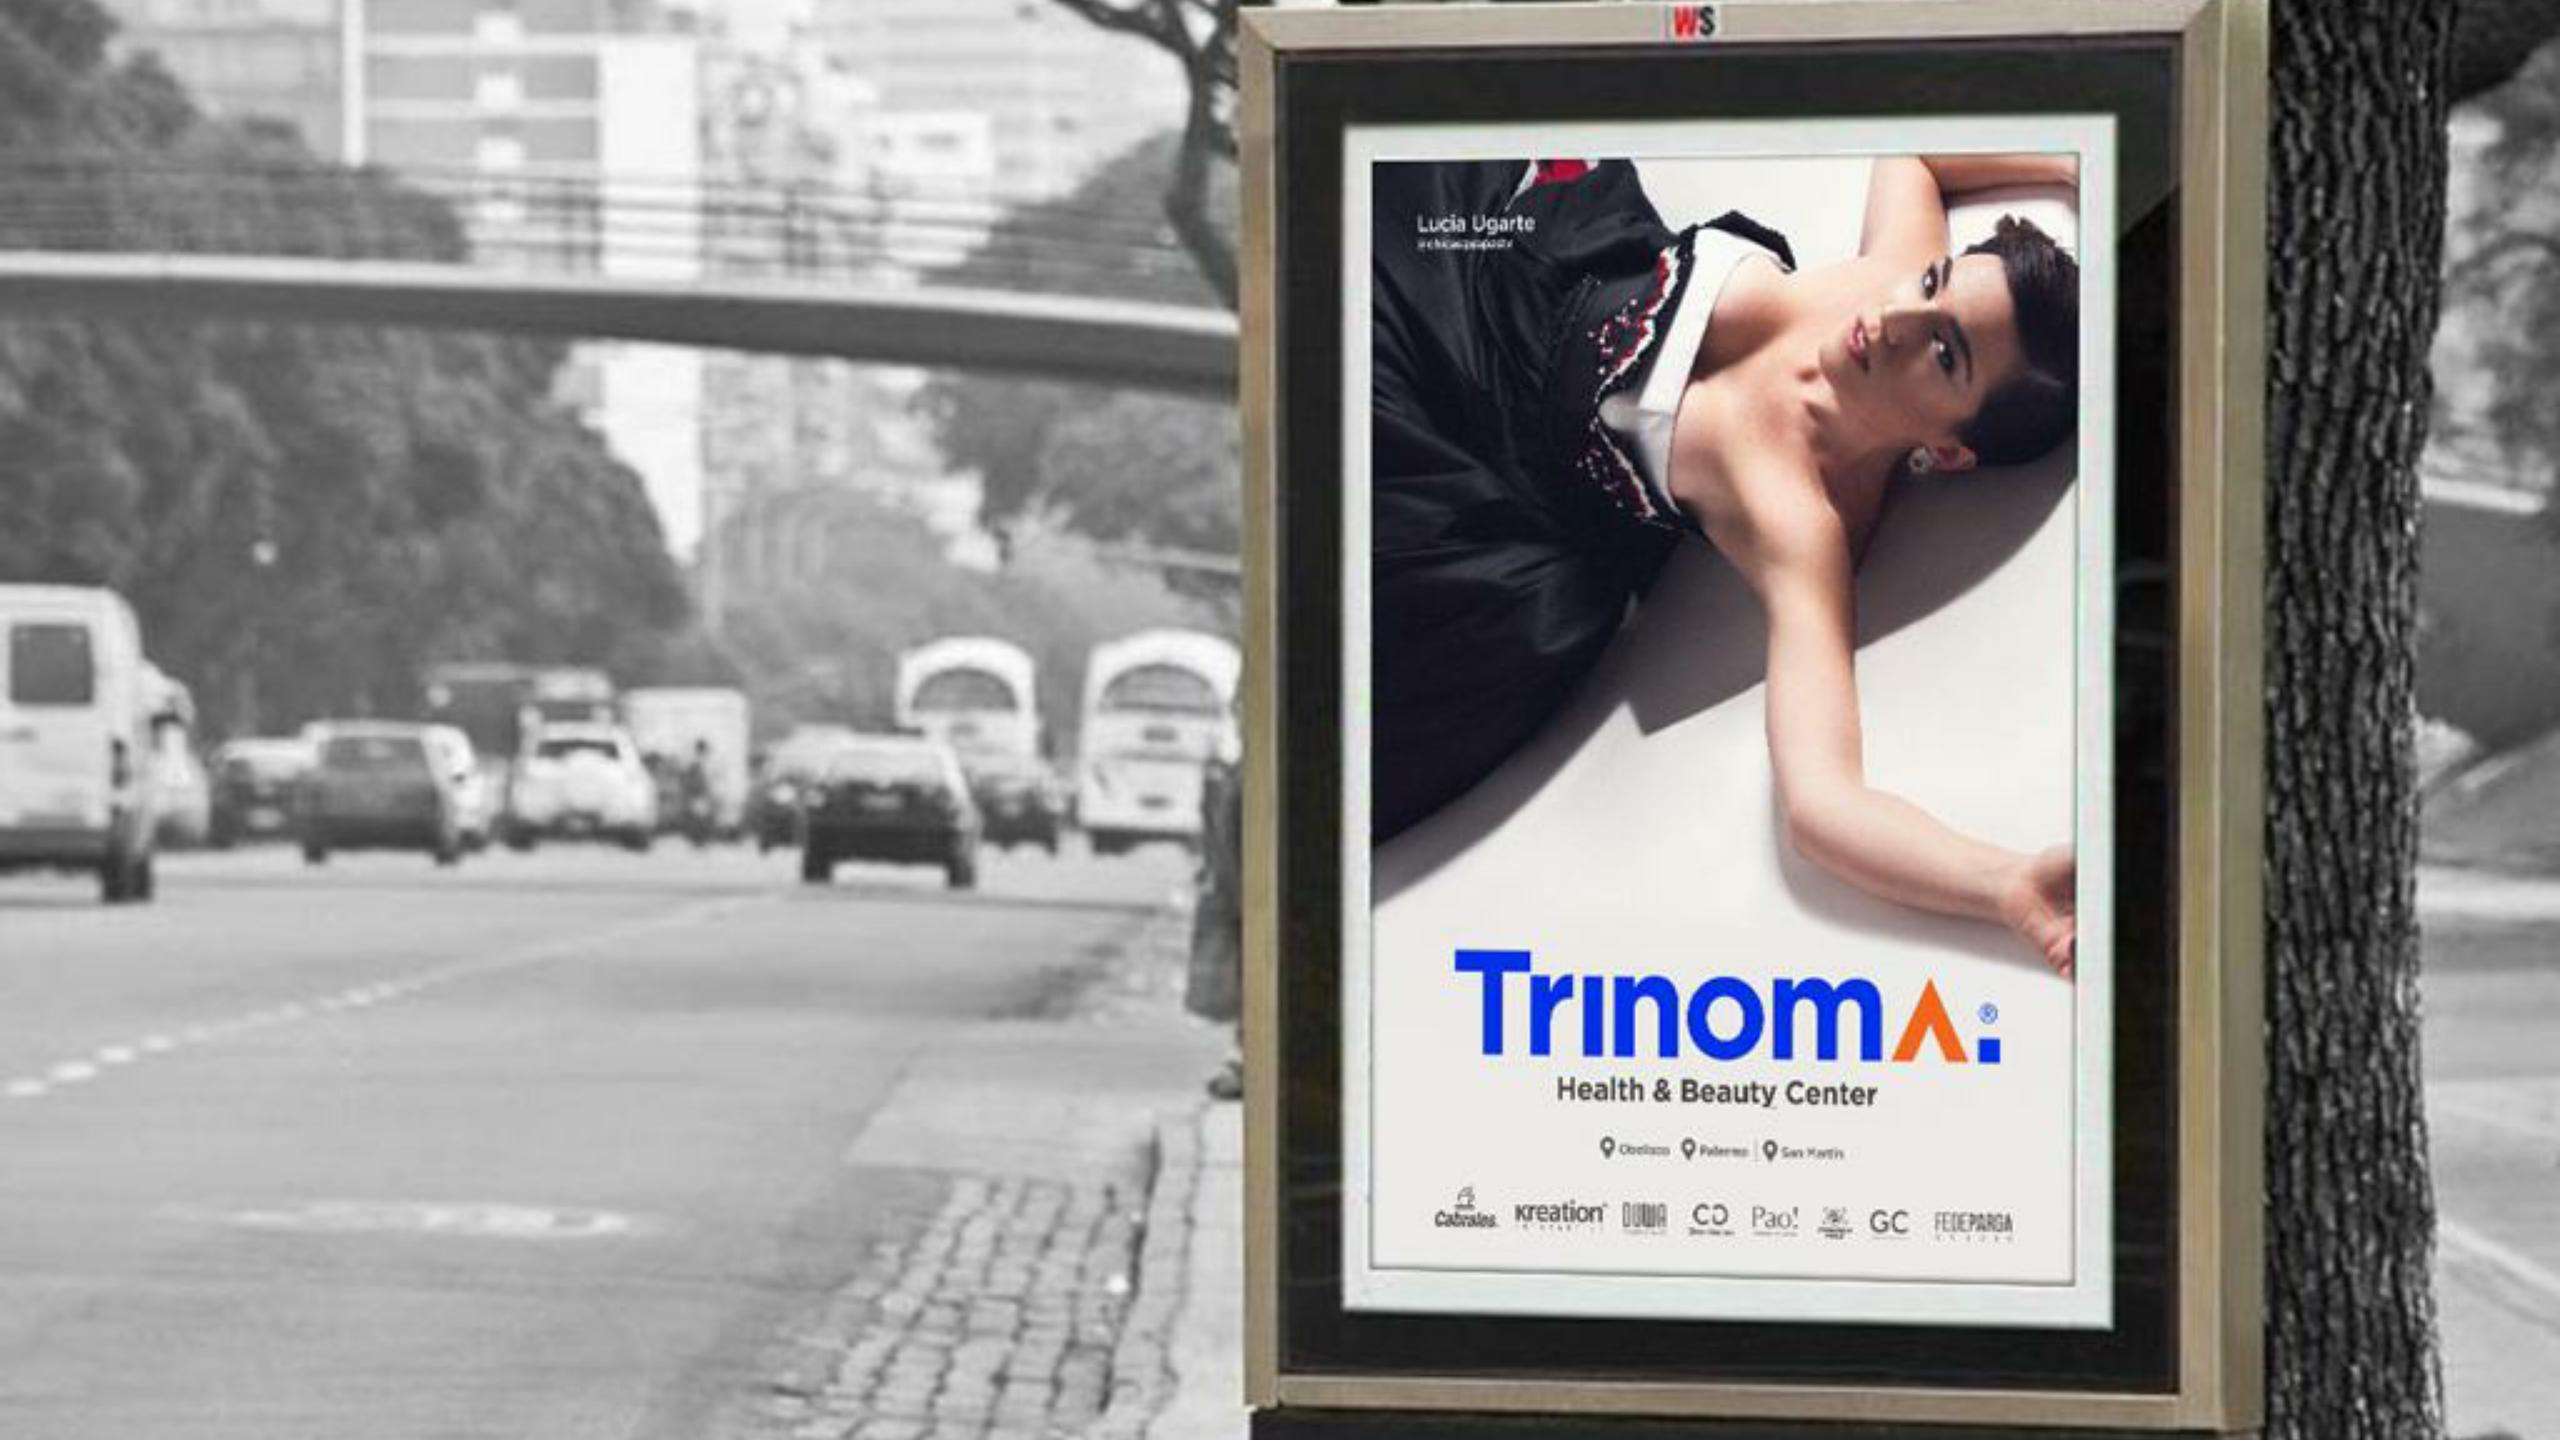 Descubrí la nueva campaña de Trinoma Health & Beauty Center con Lucía Ugarte